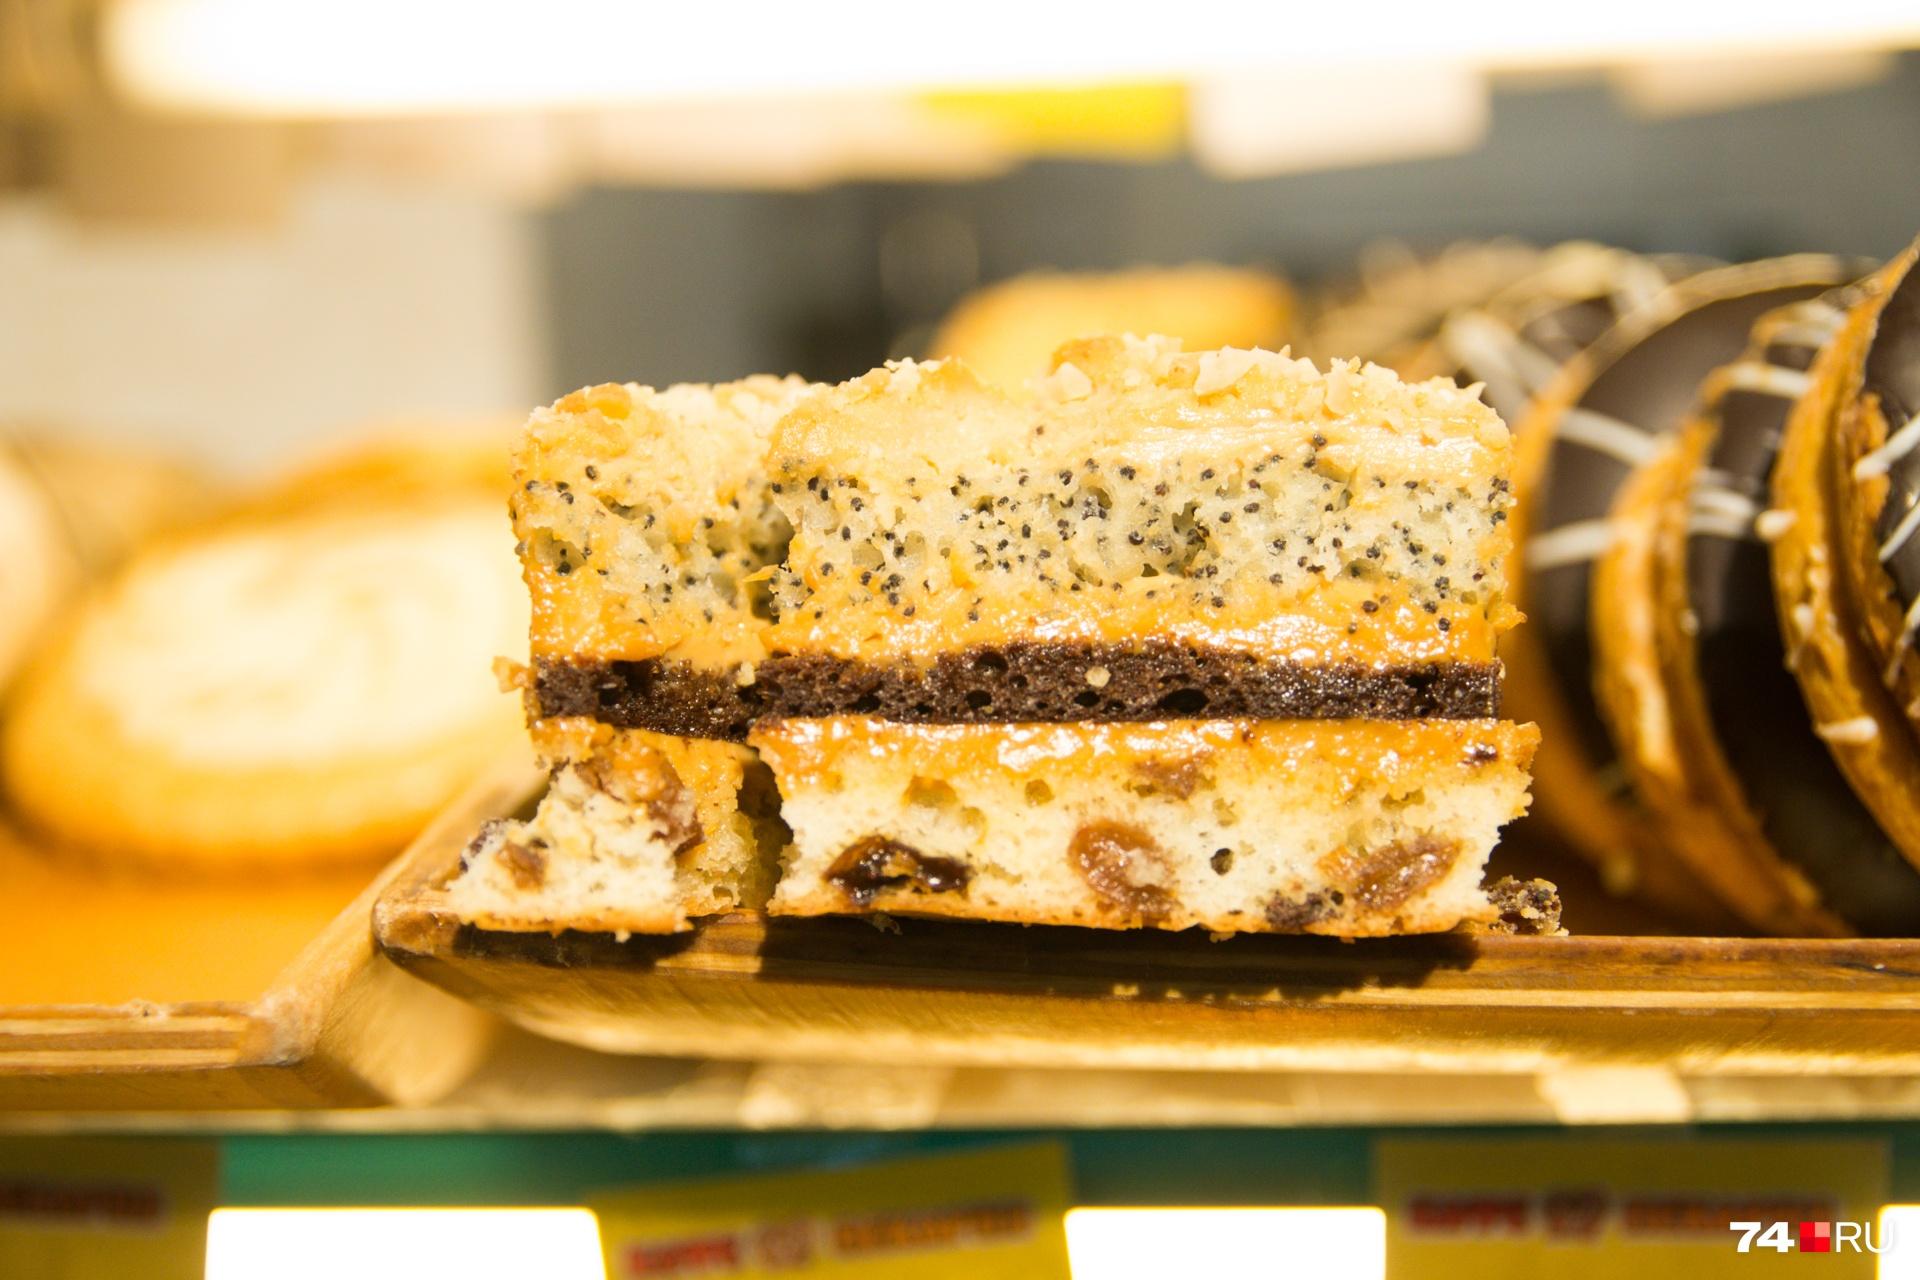 Сладкоежки не едят чистый сахар, они угощаются сахаром с жирами: шоколад, тортики, пирожные